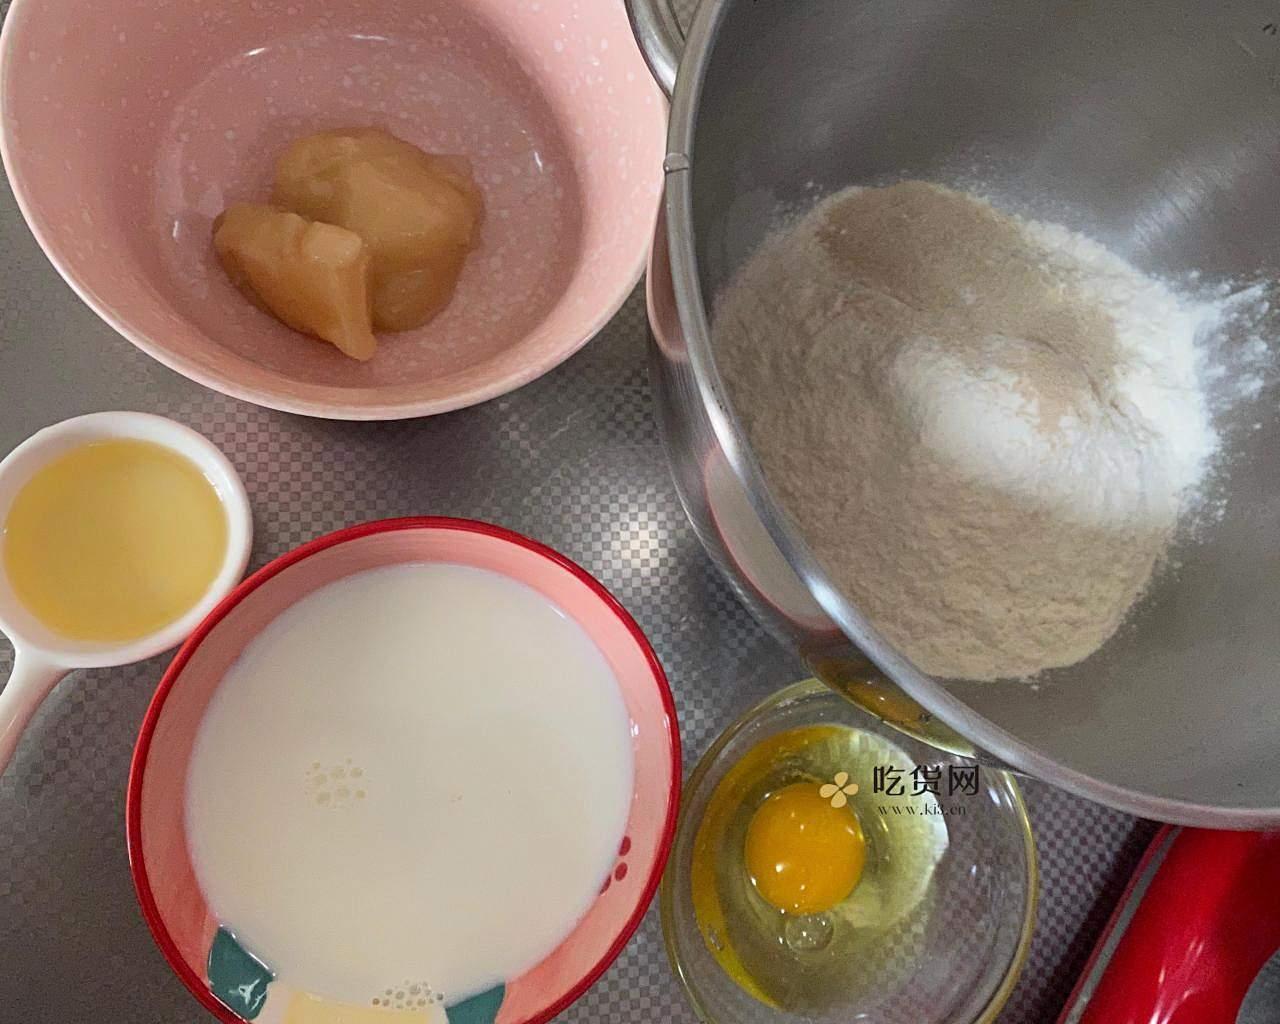 东北特色奶香蜂蜜套环的做法 步骤1